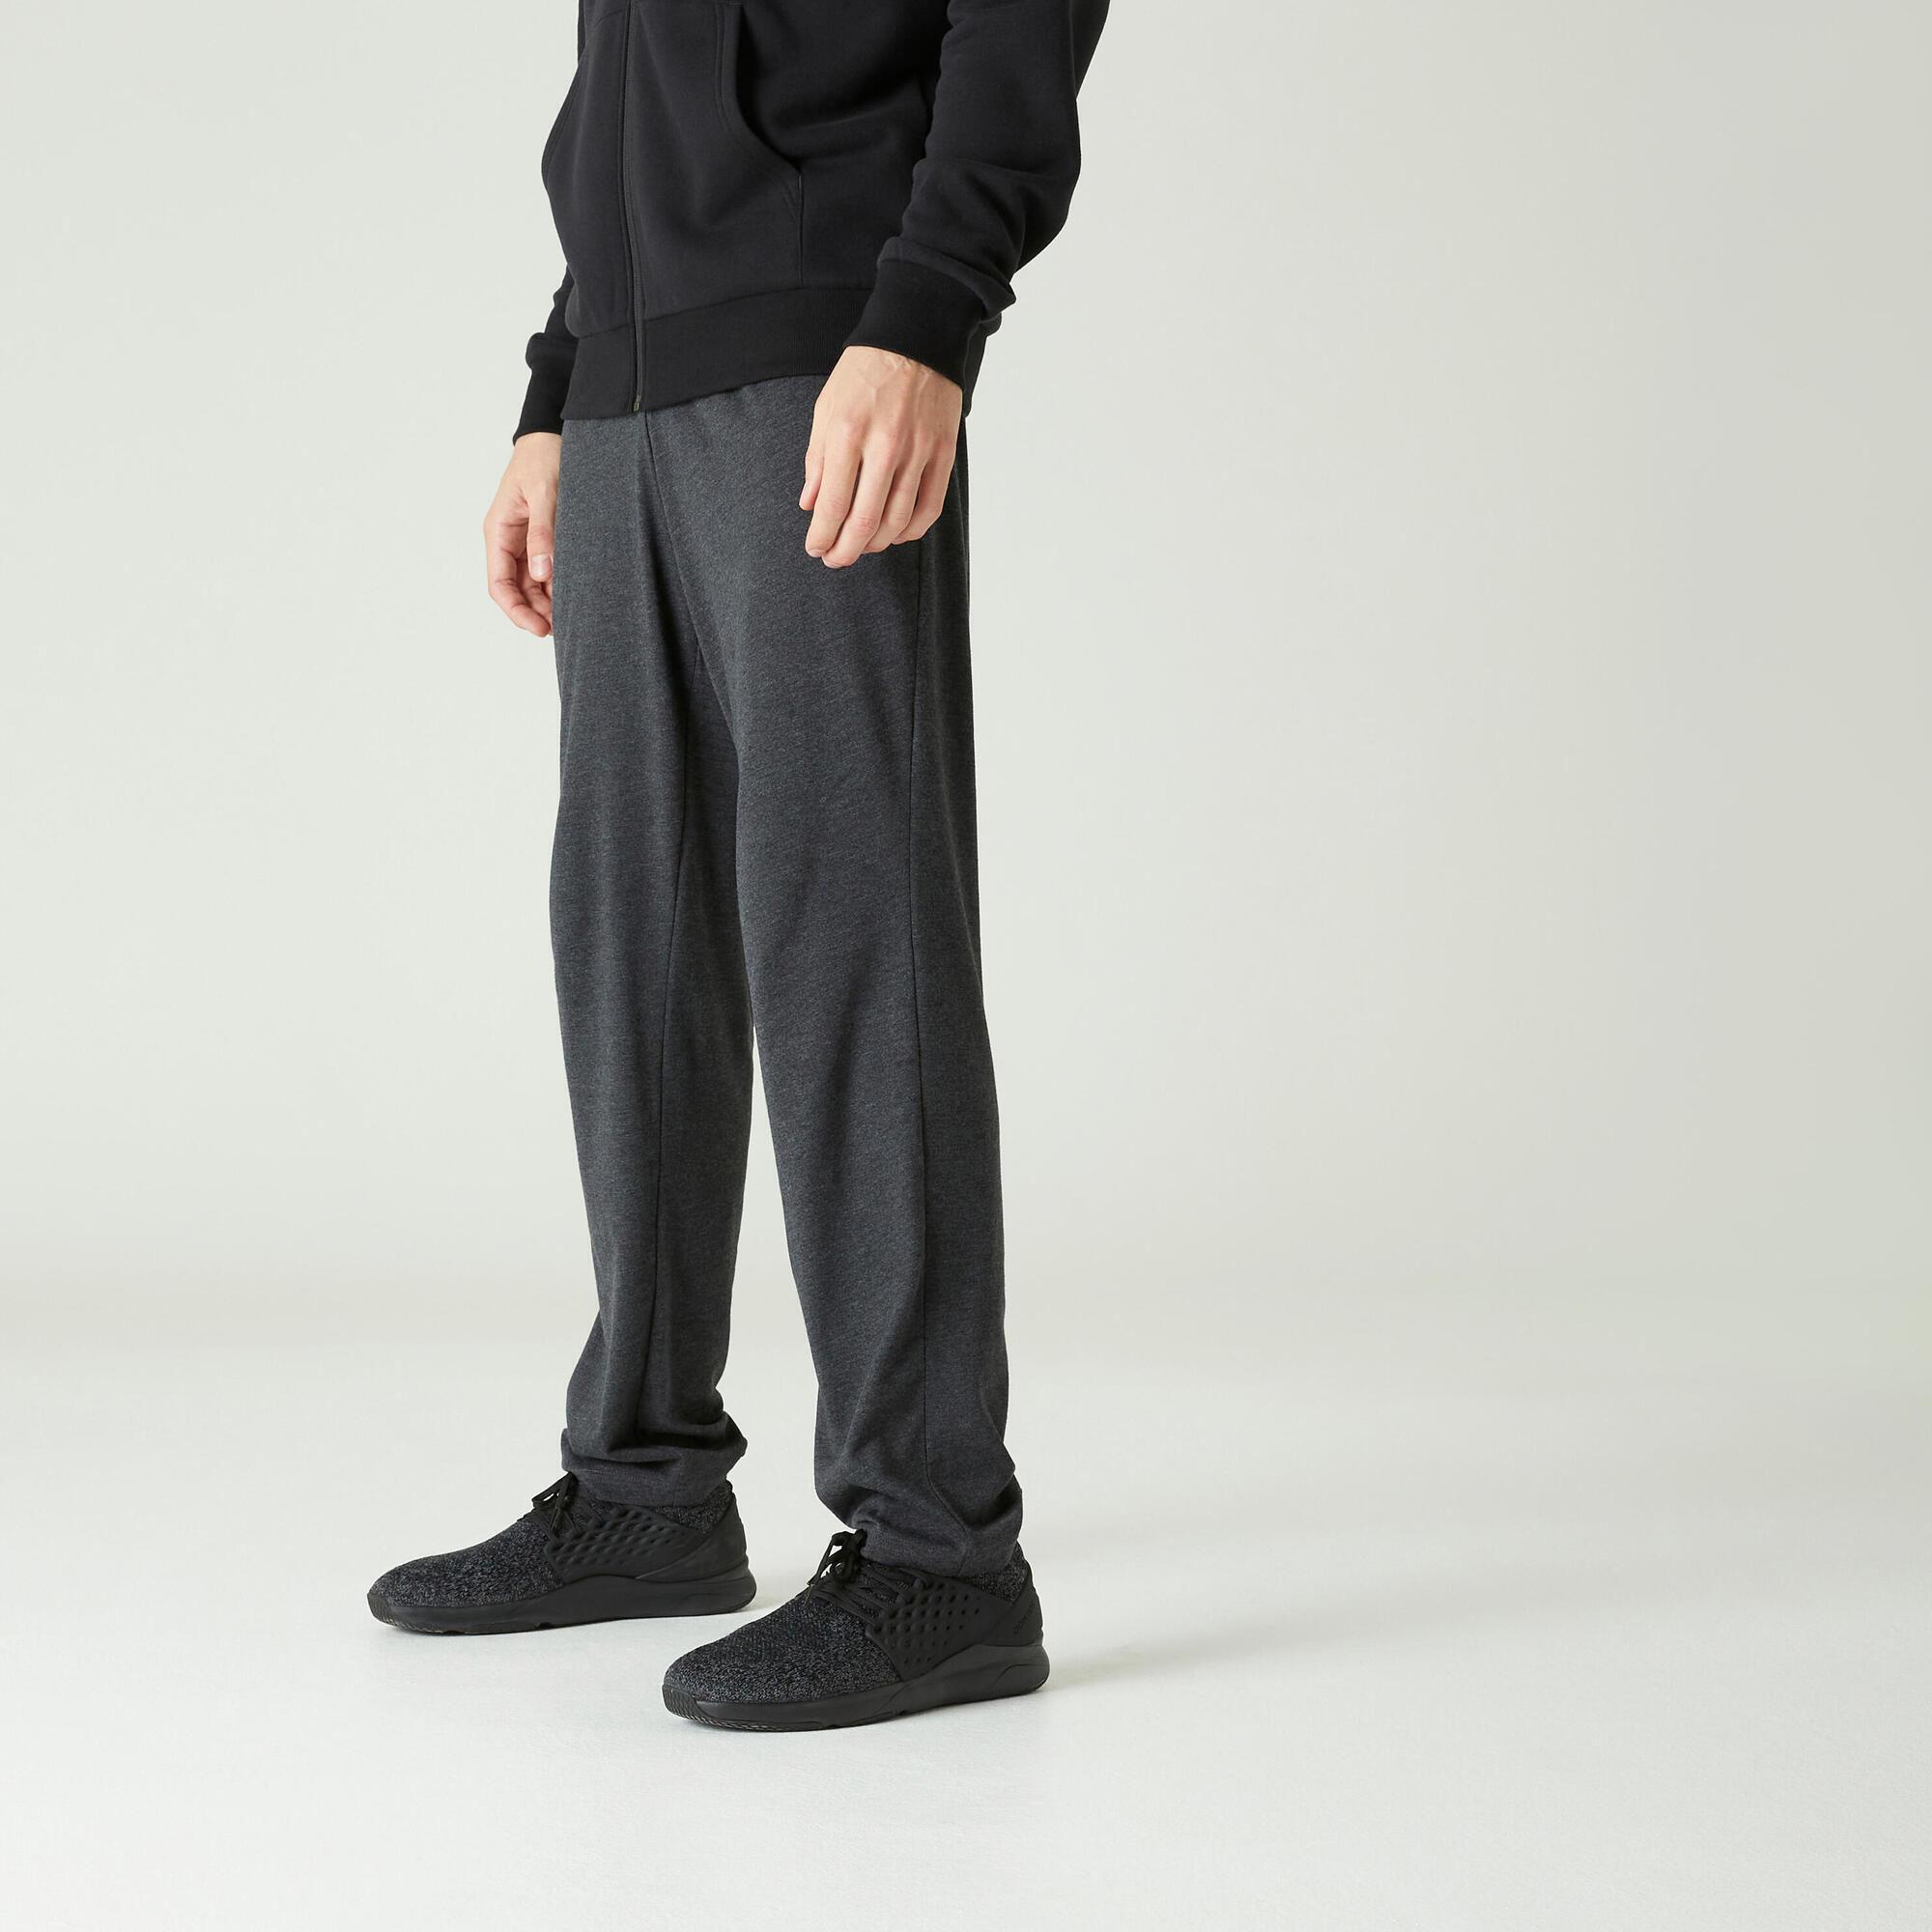 Spodnie dresowe fitness